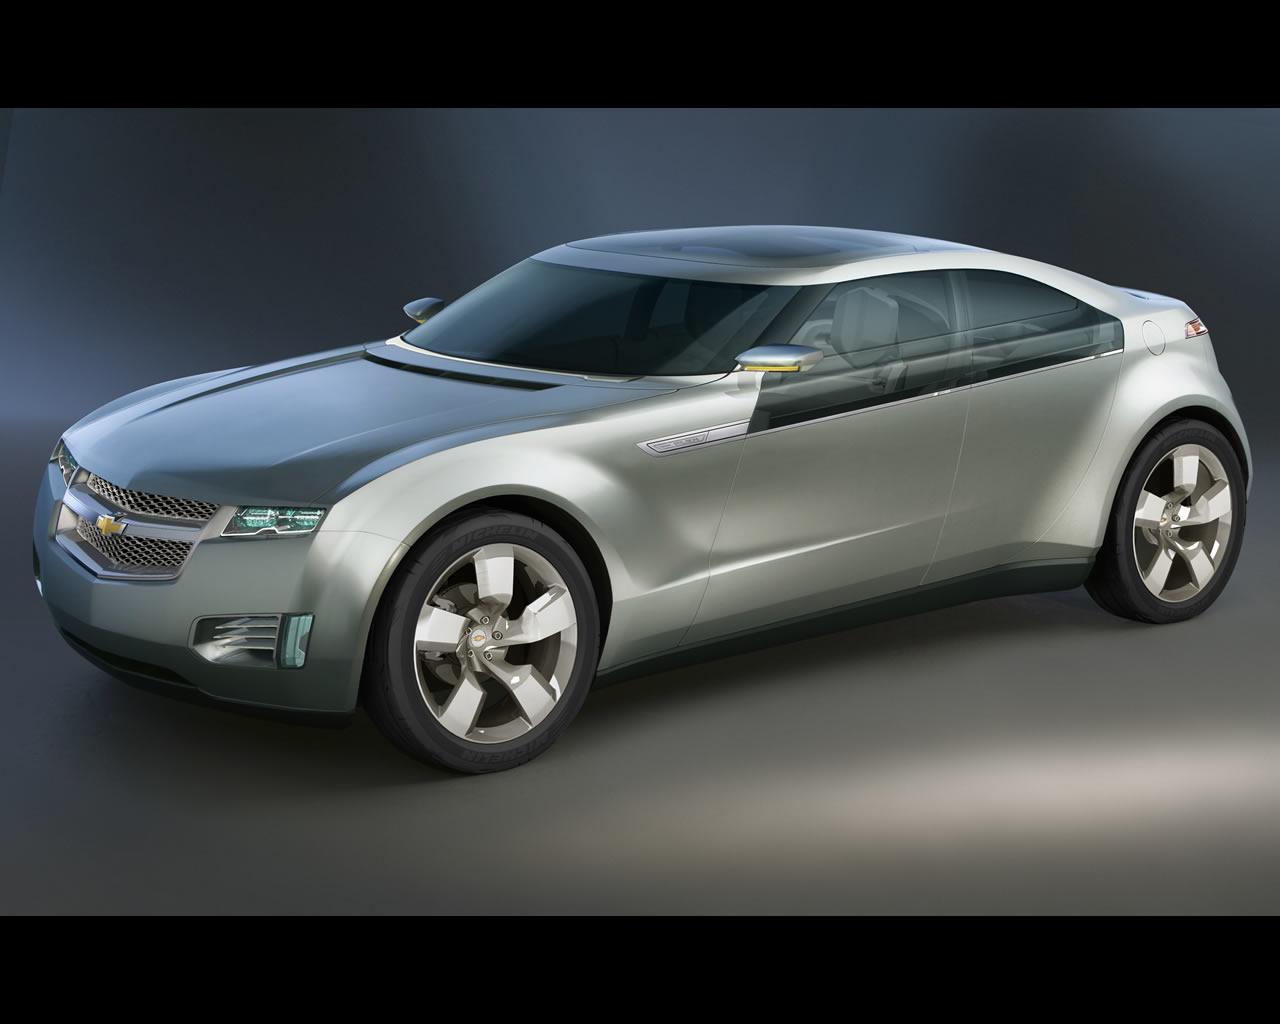 General Motors Chevrolet Volt Concept 2007